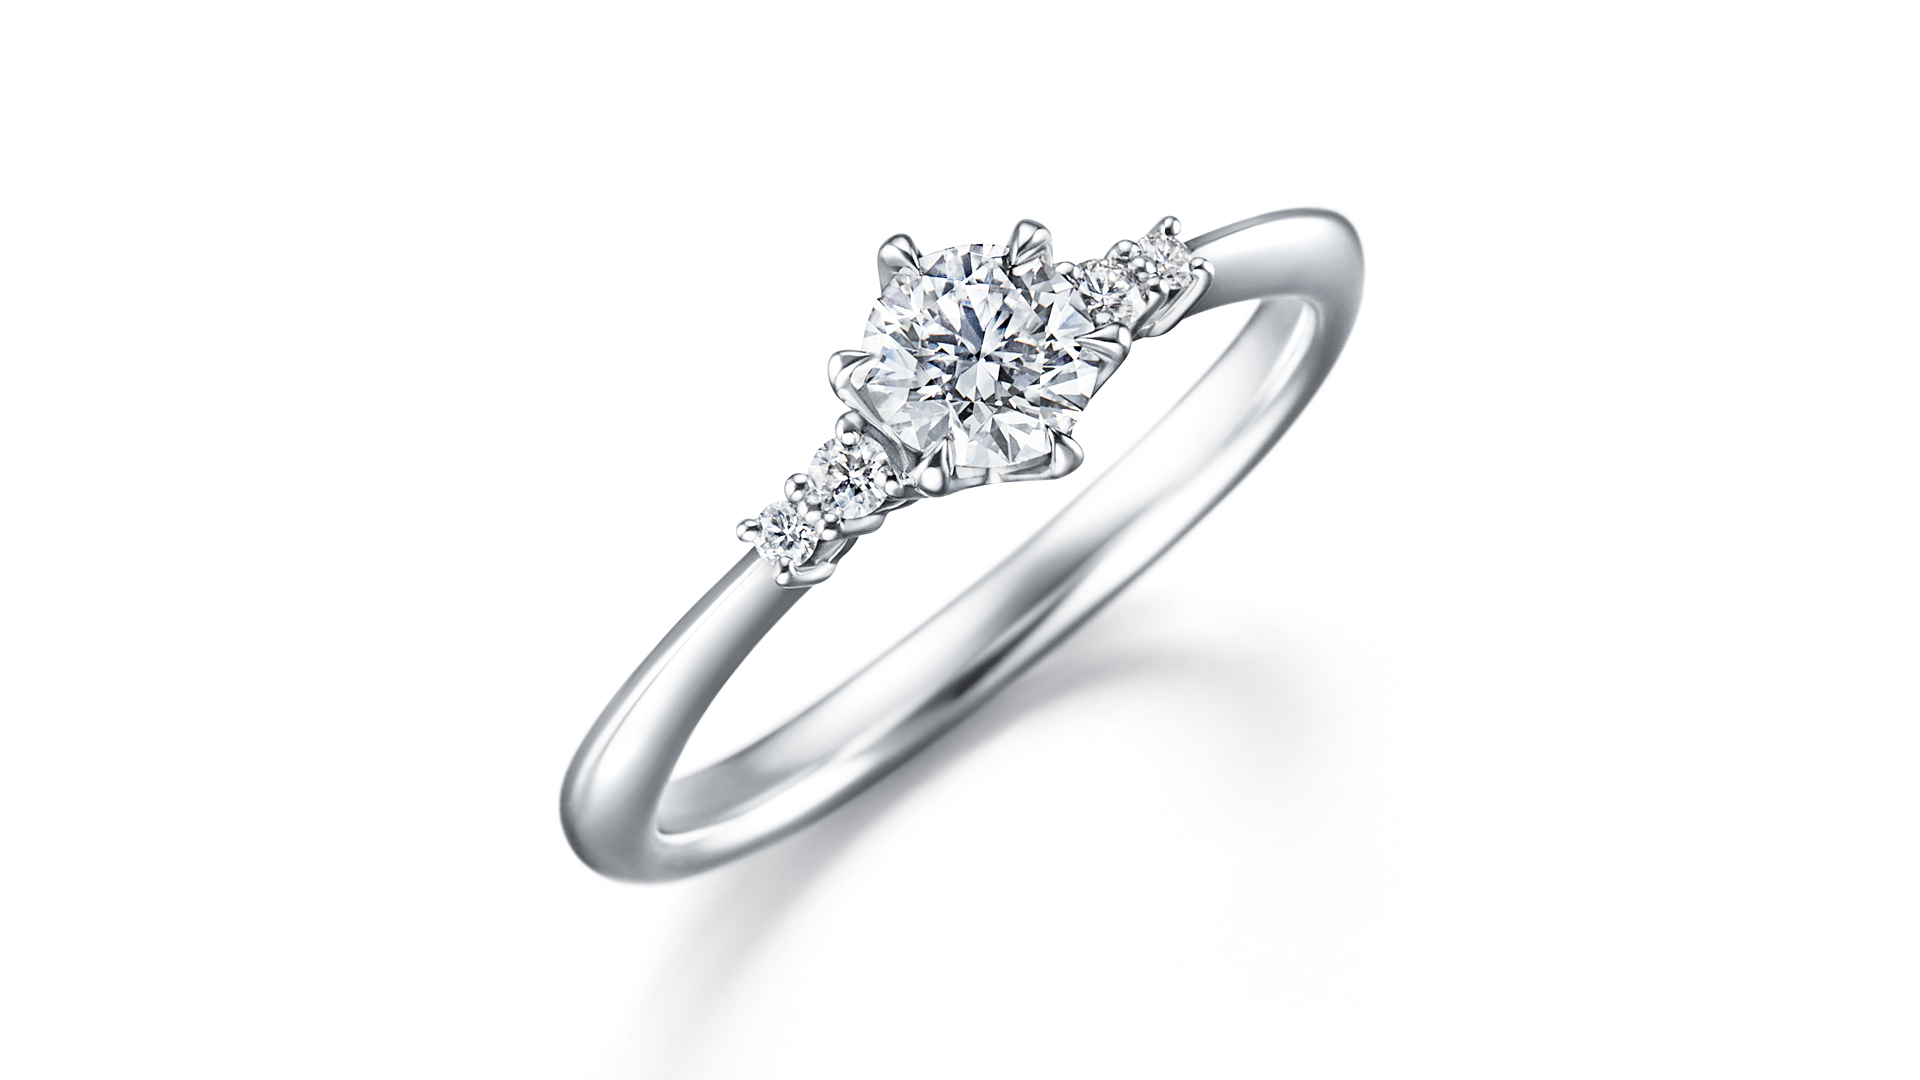 orion オリオン | 婚約指輪サムネイル 3